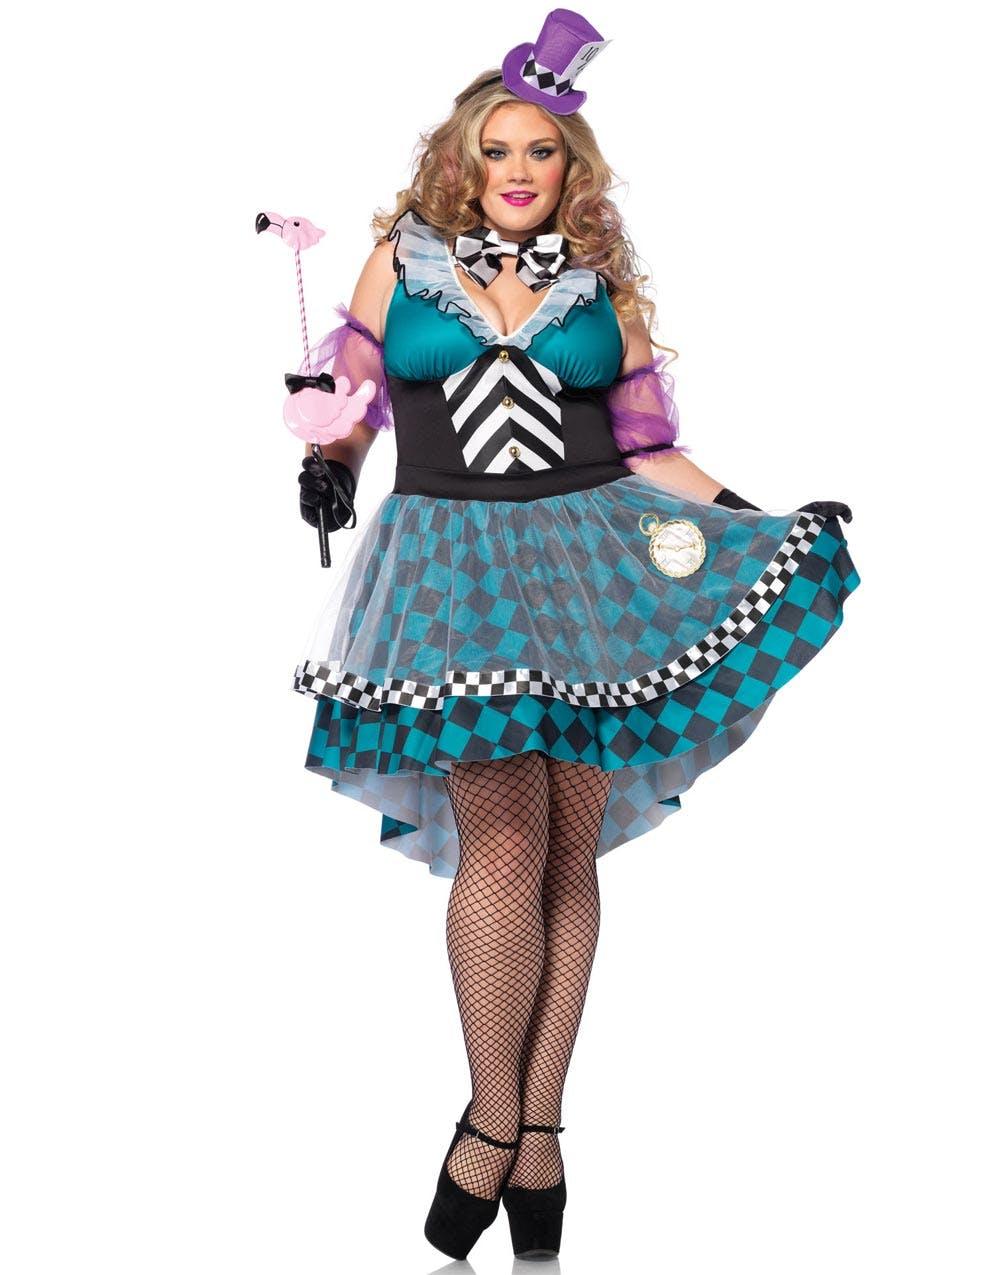 webcamgirls kostymer i store størrelser